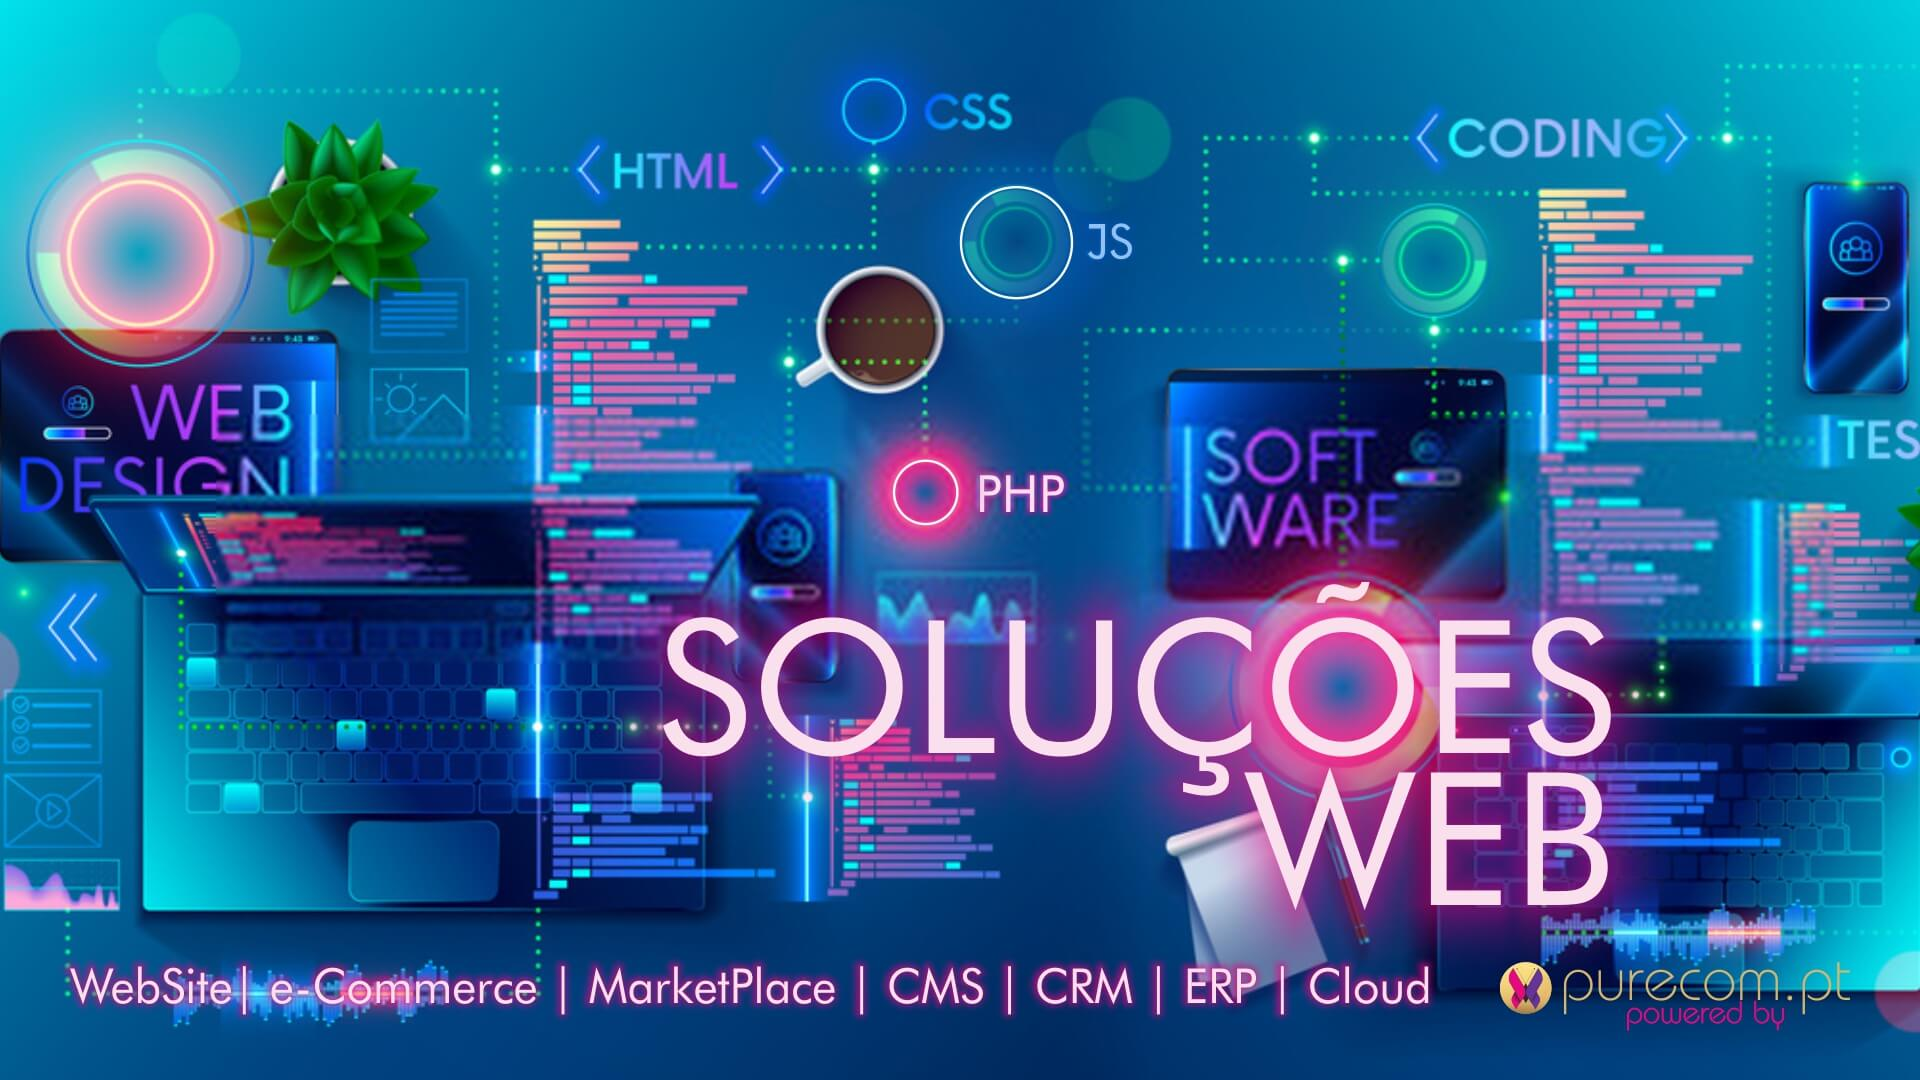 #WebSites #e-Commerce #MarketPlace #CMS #CRM #ERP #Cloud